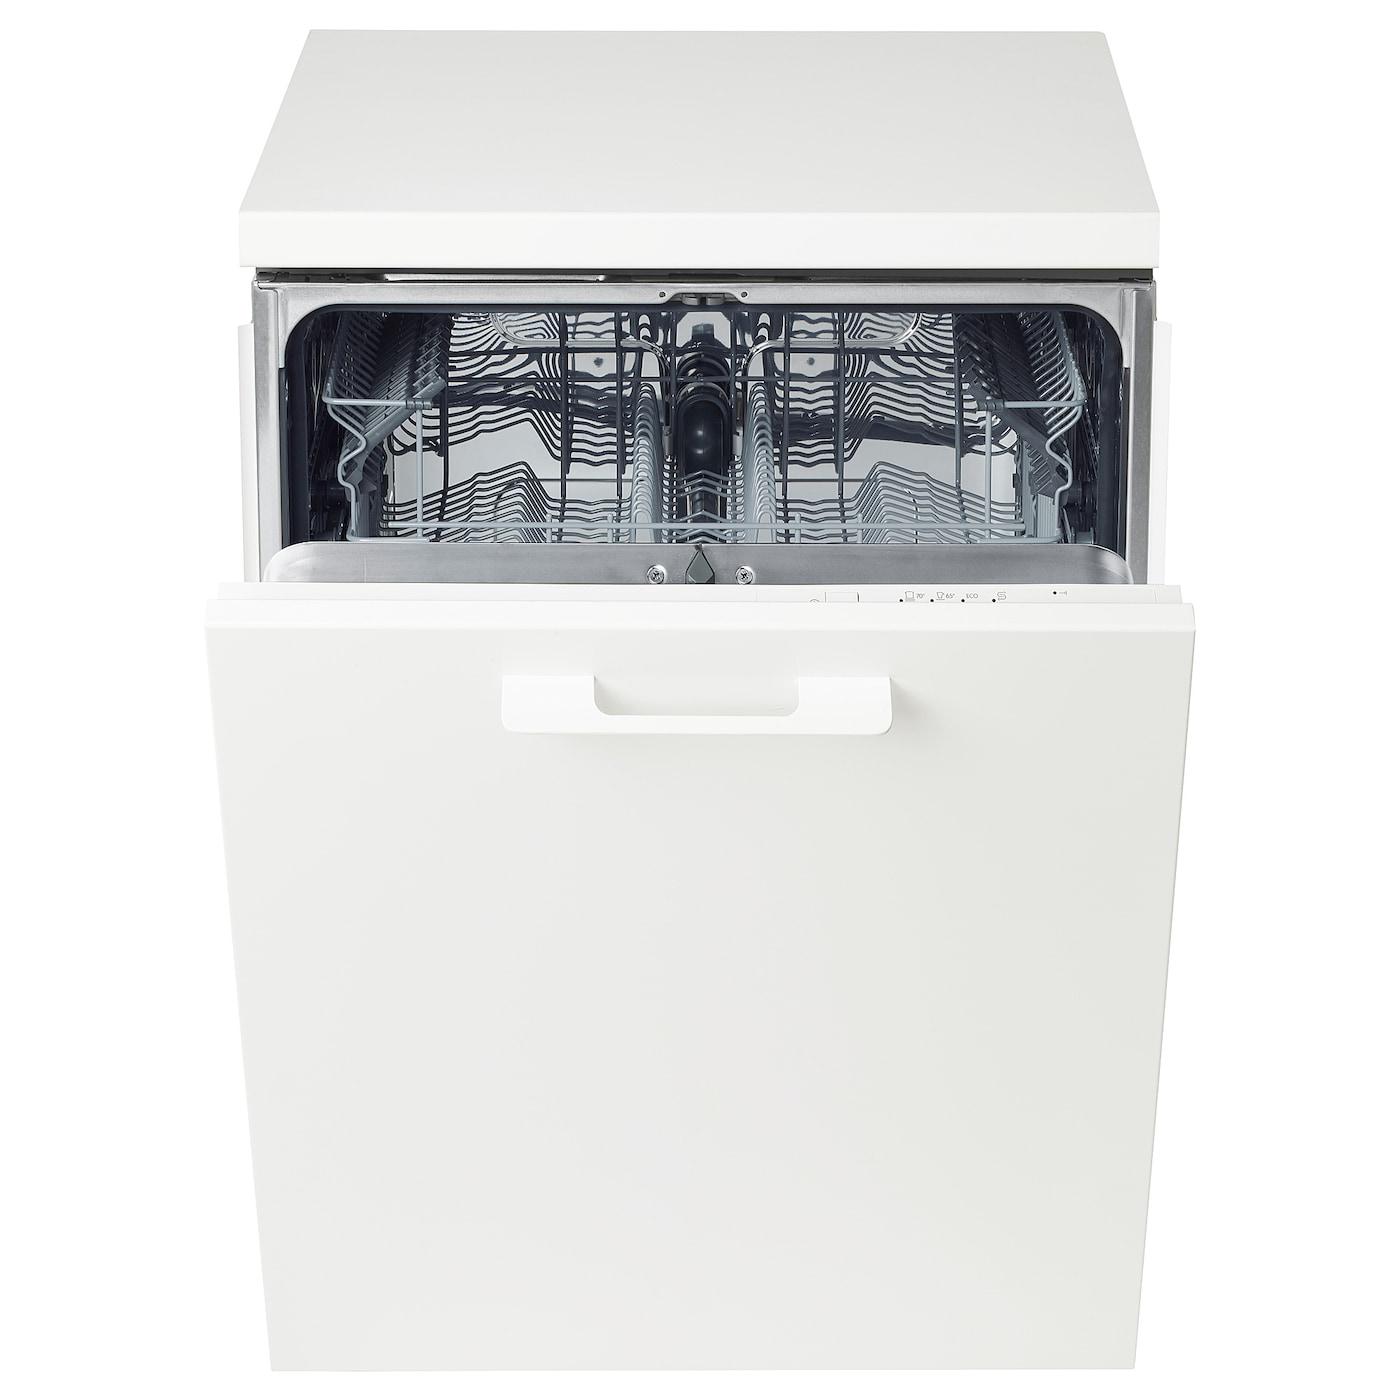 LAGAN | Küche und Esszimmer > Küchenelektrogeräte > Spülmaschinen | IKEA